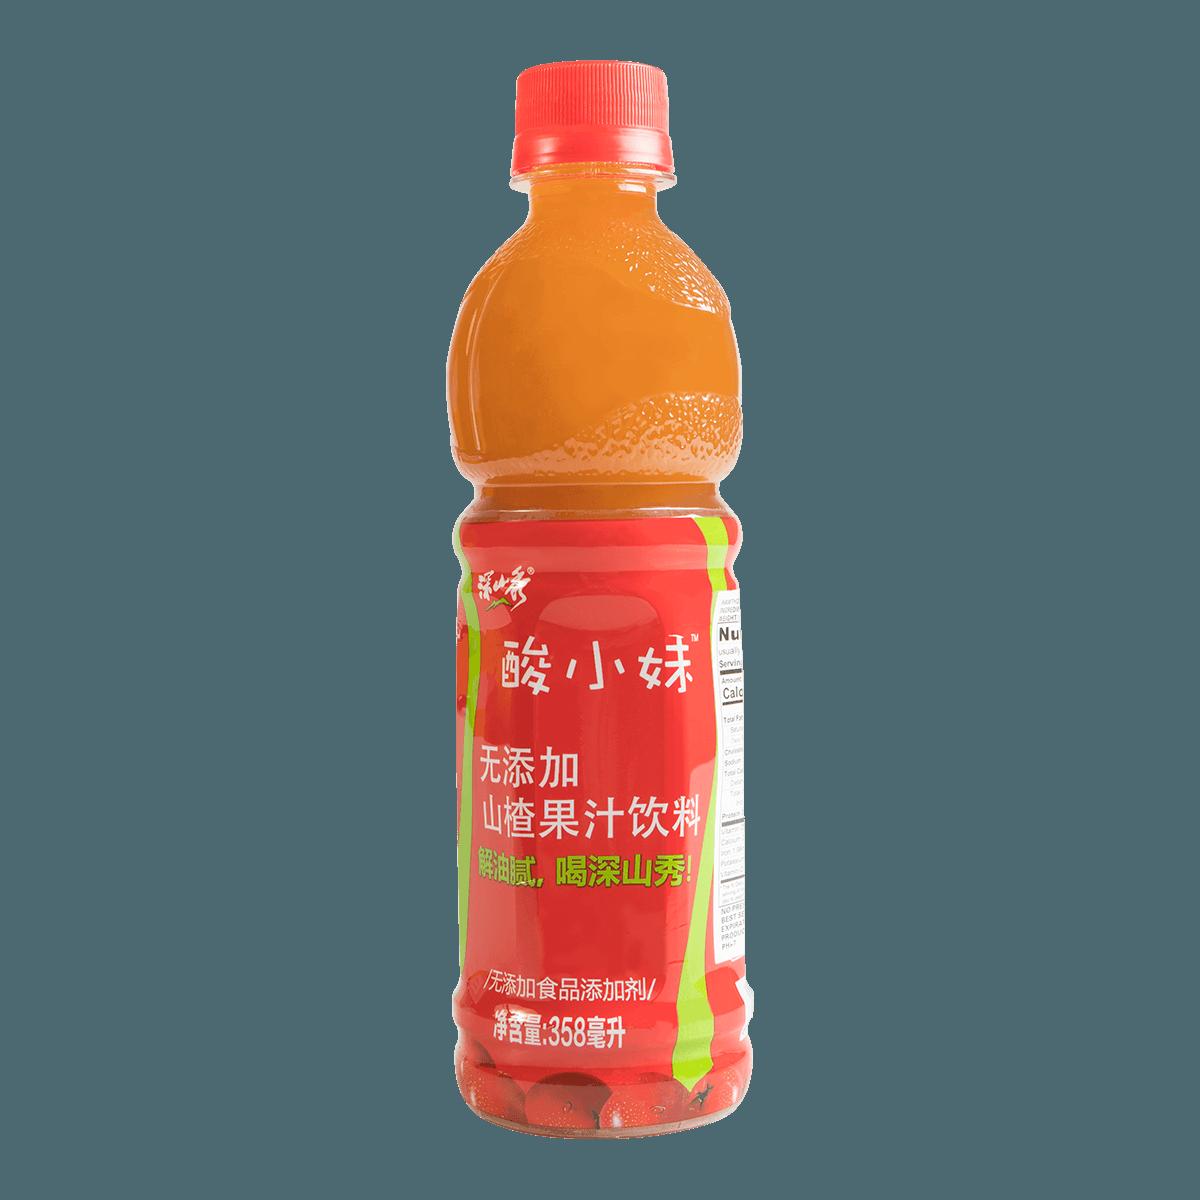 深山秀 酸小妹 无添加山楂果汁饮料 358ml 怎么样 - 亚米网